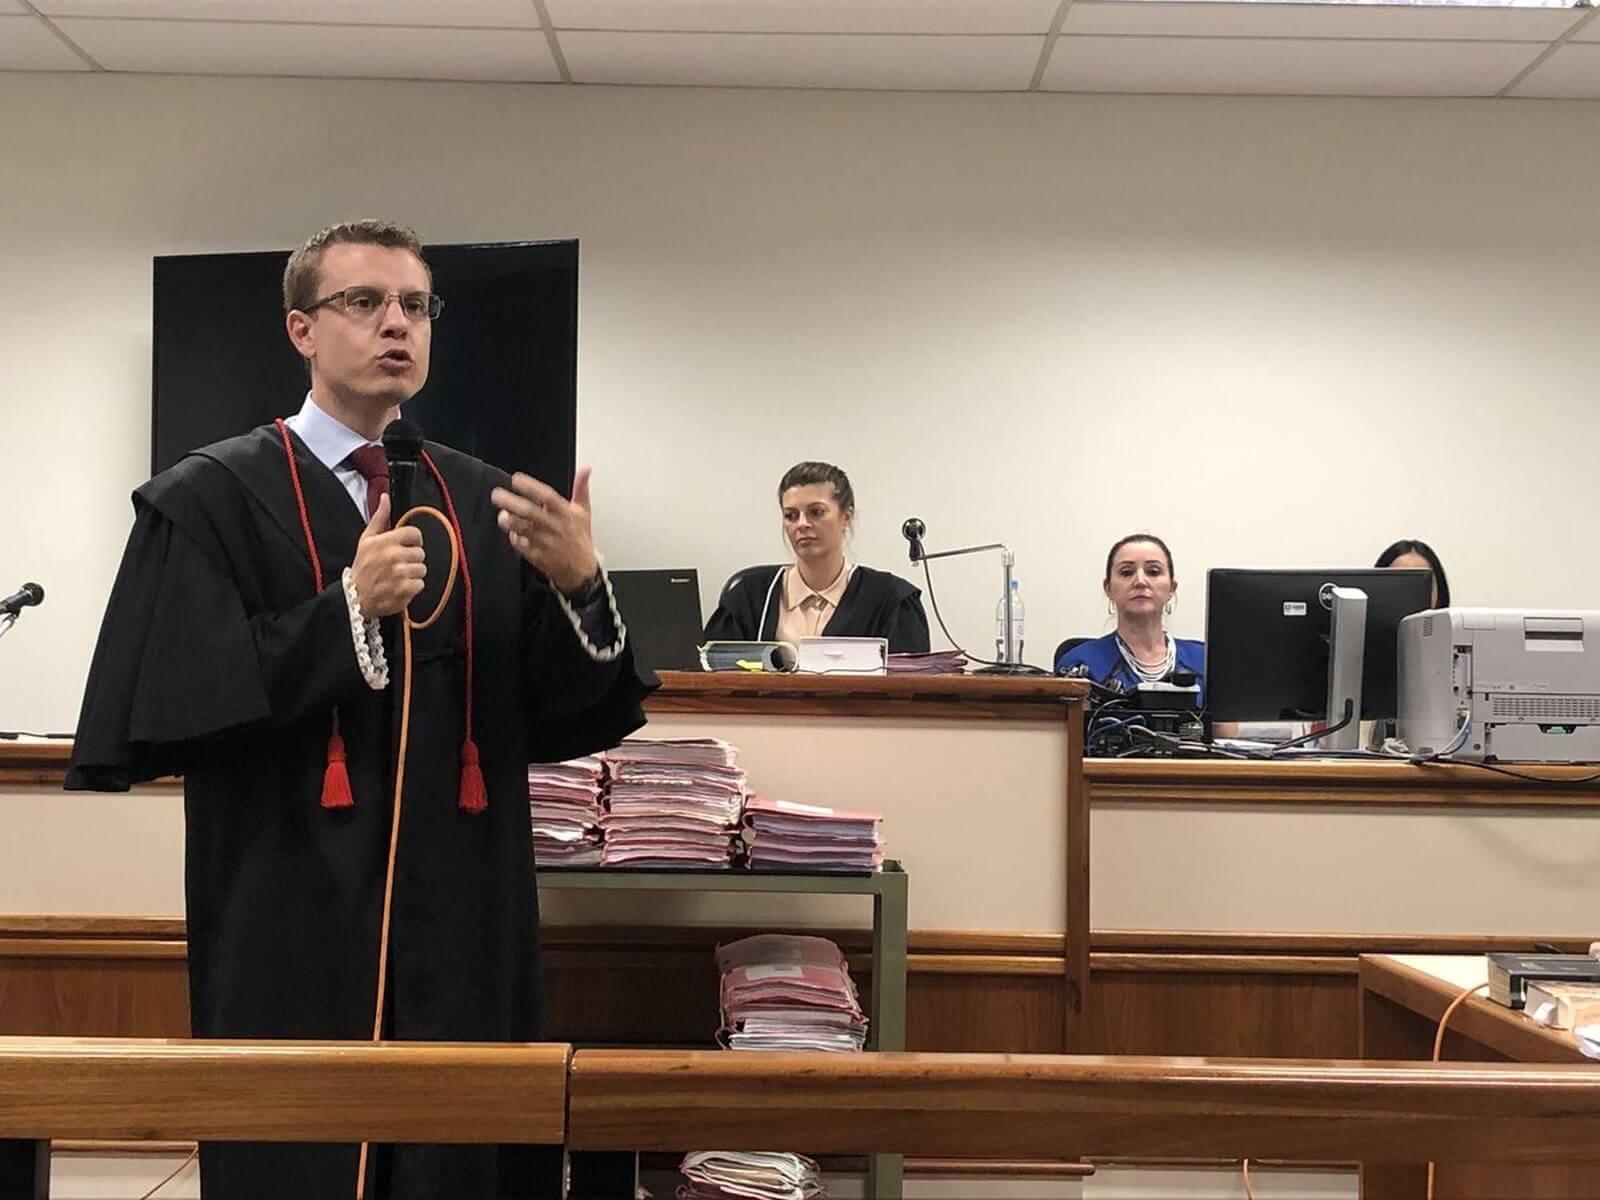 Orgulho para Brusque: Promotor de Justiça do Caso Bernardo é egresso da UNIFEBE